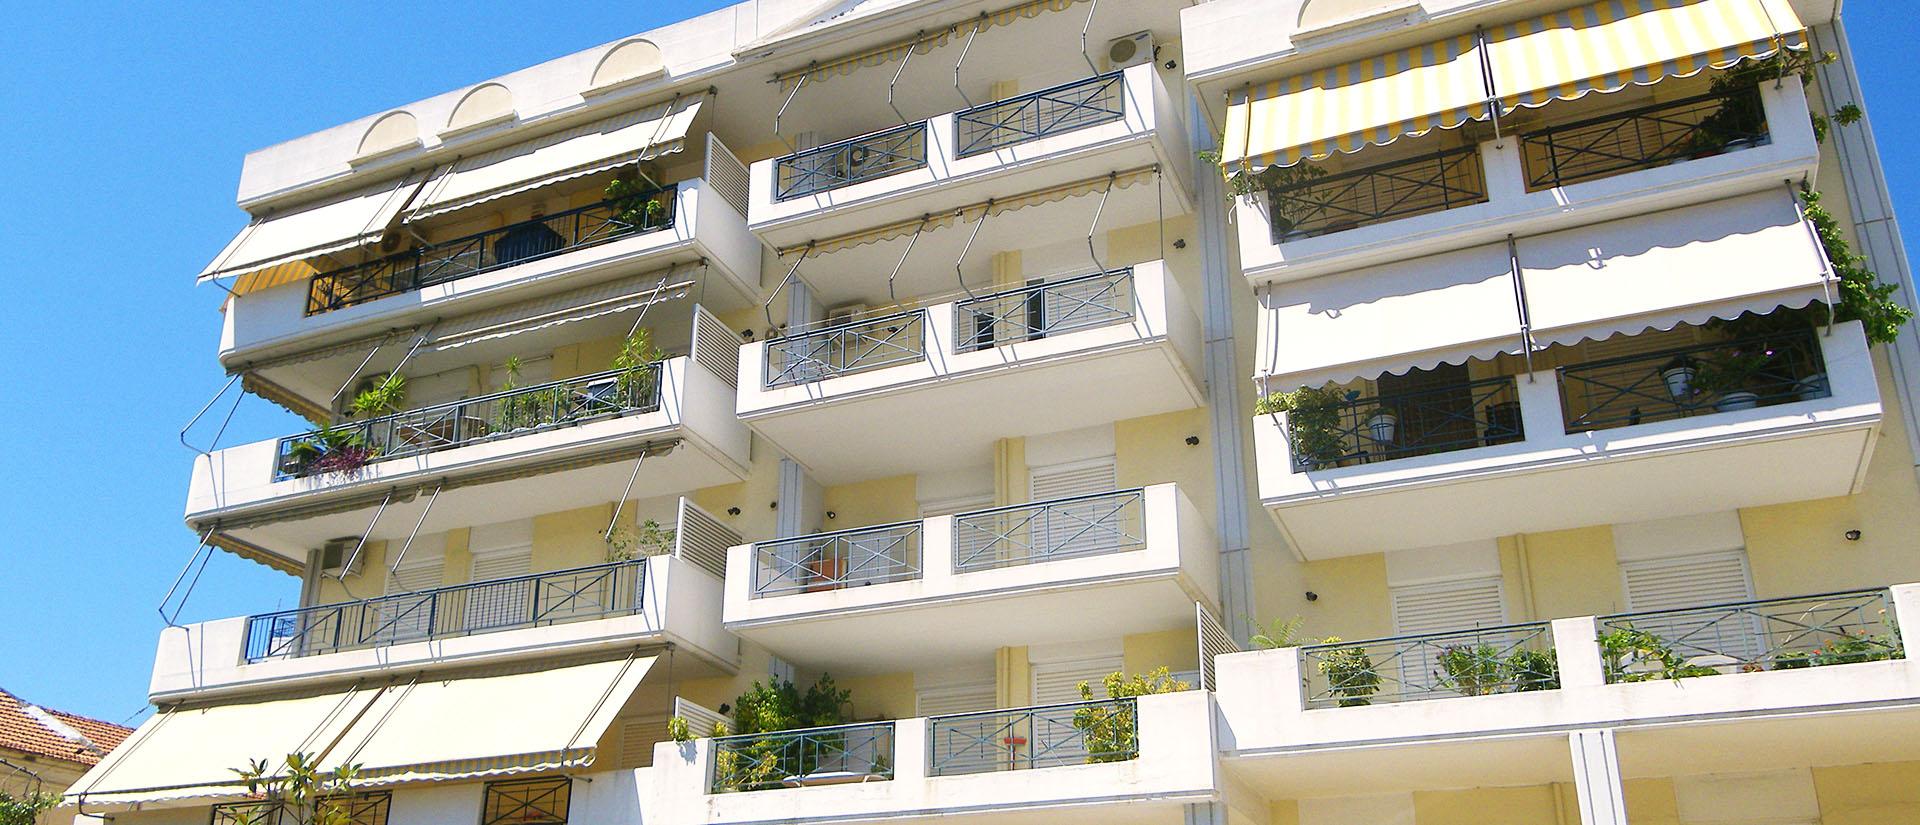 Γενικοί Καθαρισμοί Κτιρίων & Διαχείρηση Πολυκατοικιών